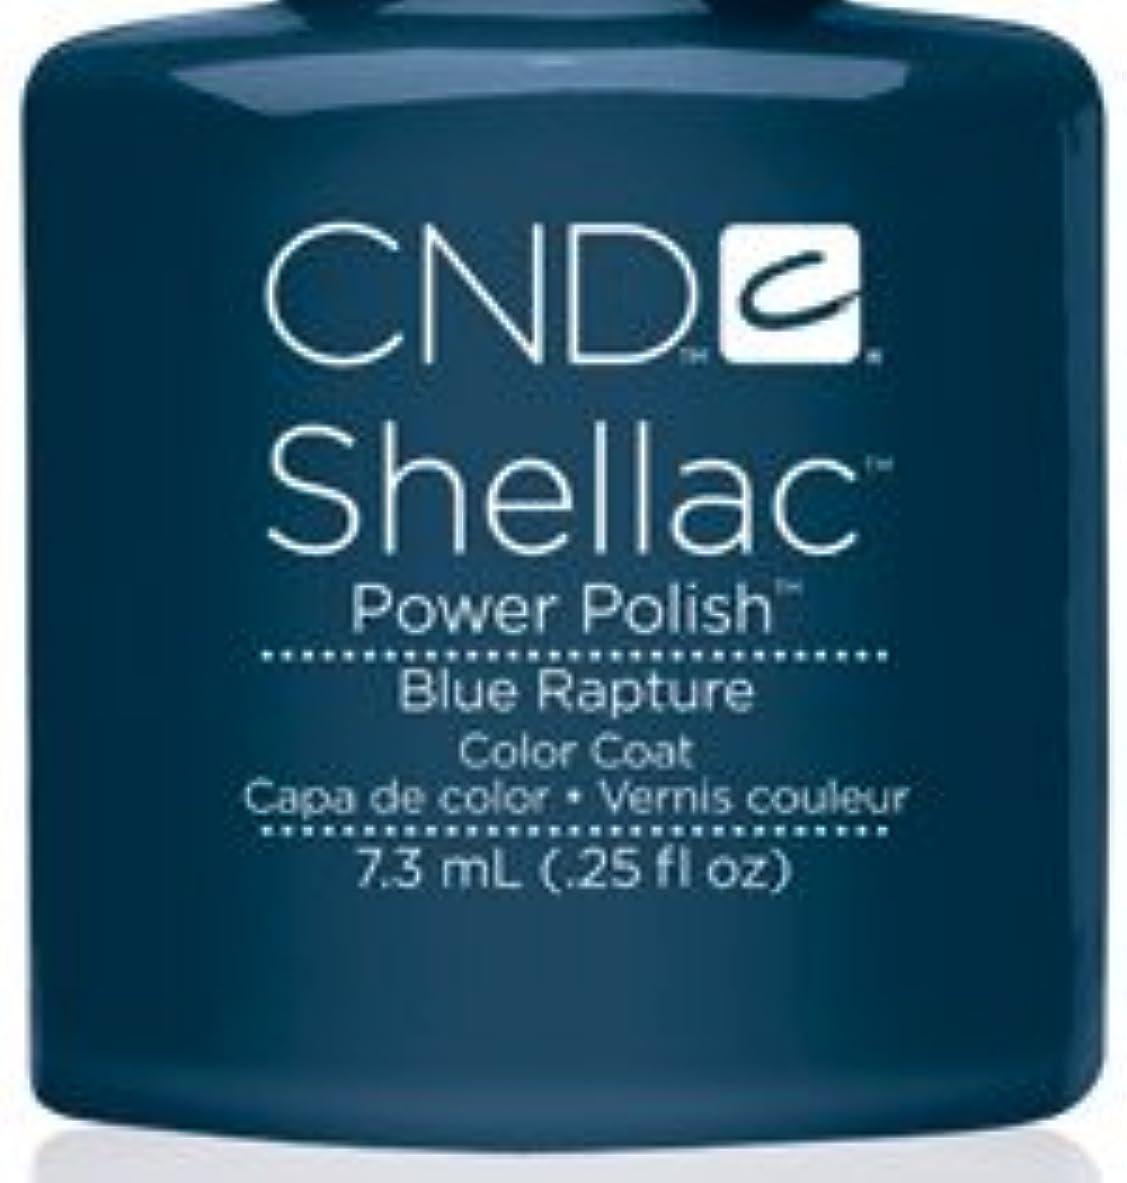 CND シェラック UVカラーコート 7.3ml<BR>378 ブルーラプチャー